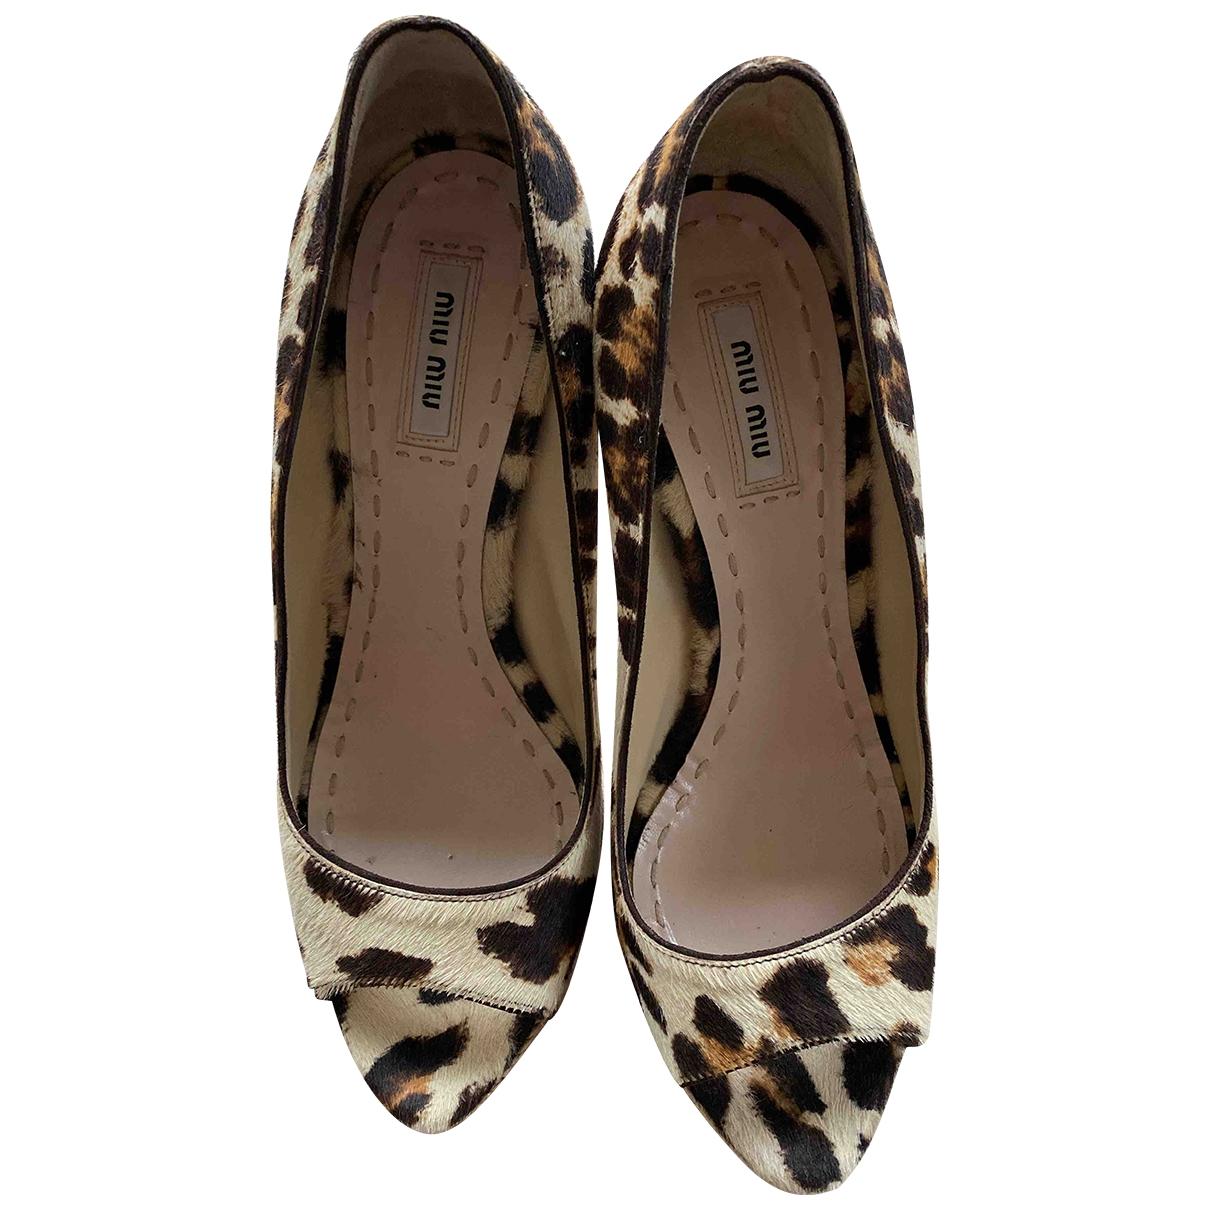 Sandalias de Piel de potro de imitacion Miu Miu